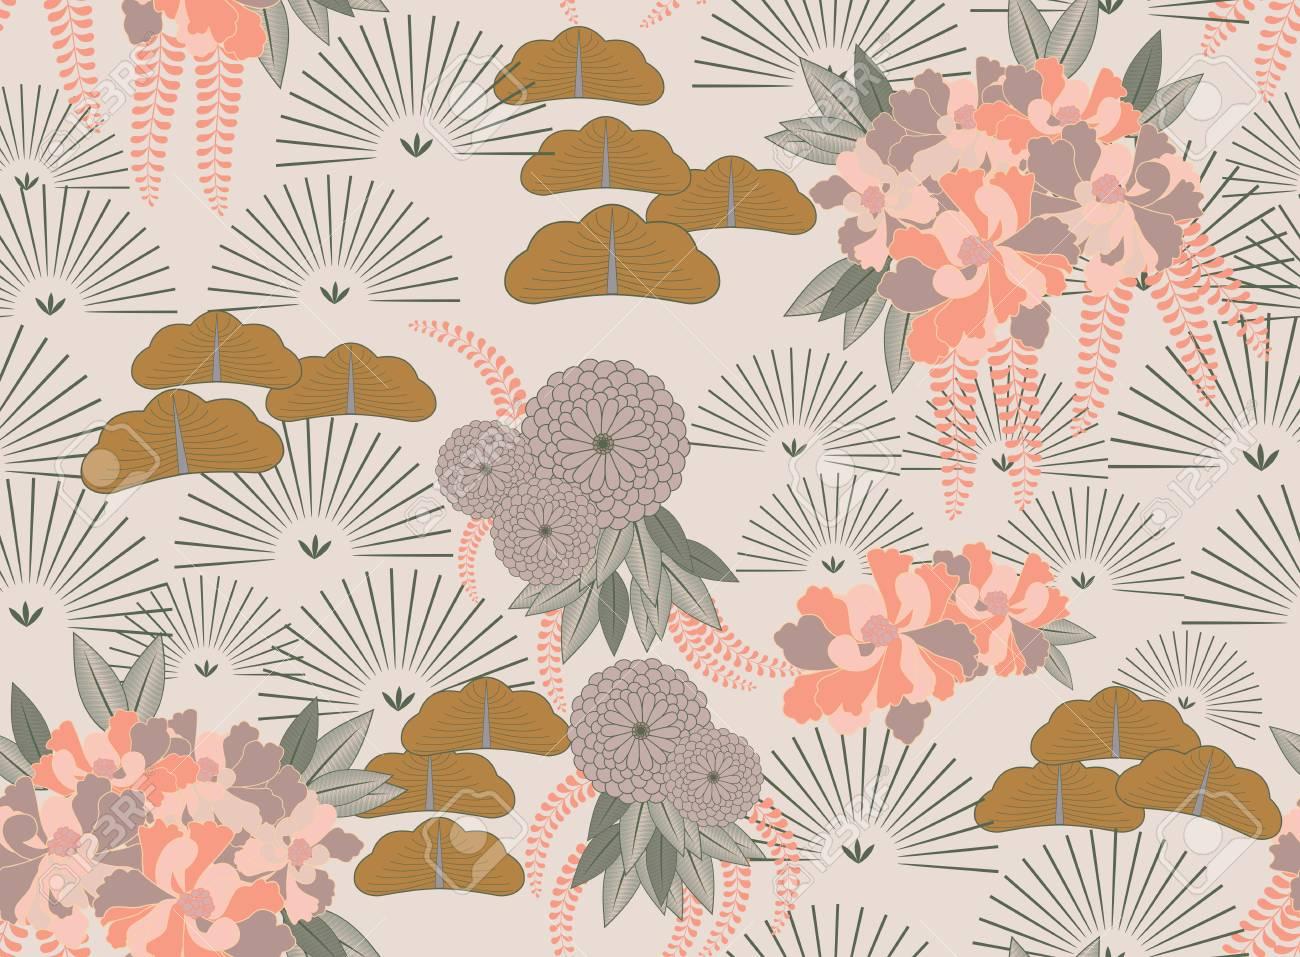 Jardin Japonais De Fleurs Rose Aster Arriere Plan Transparent